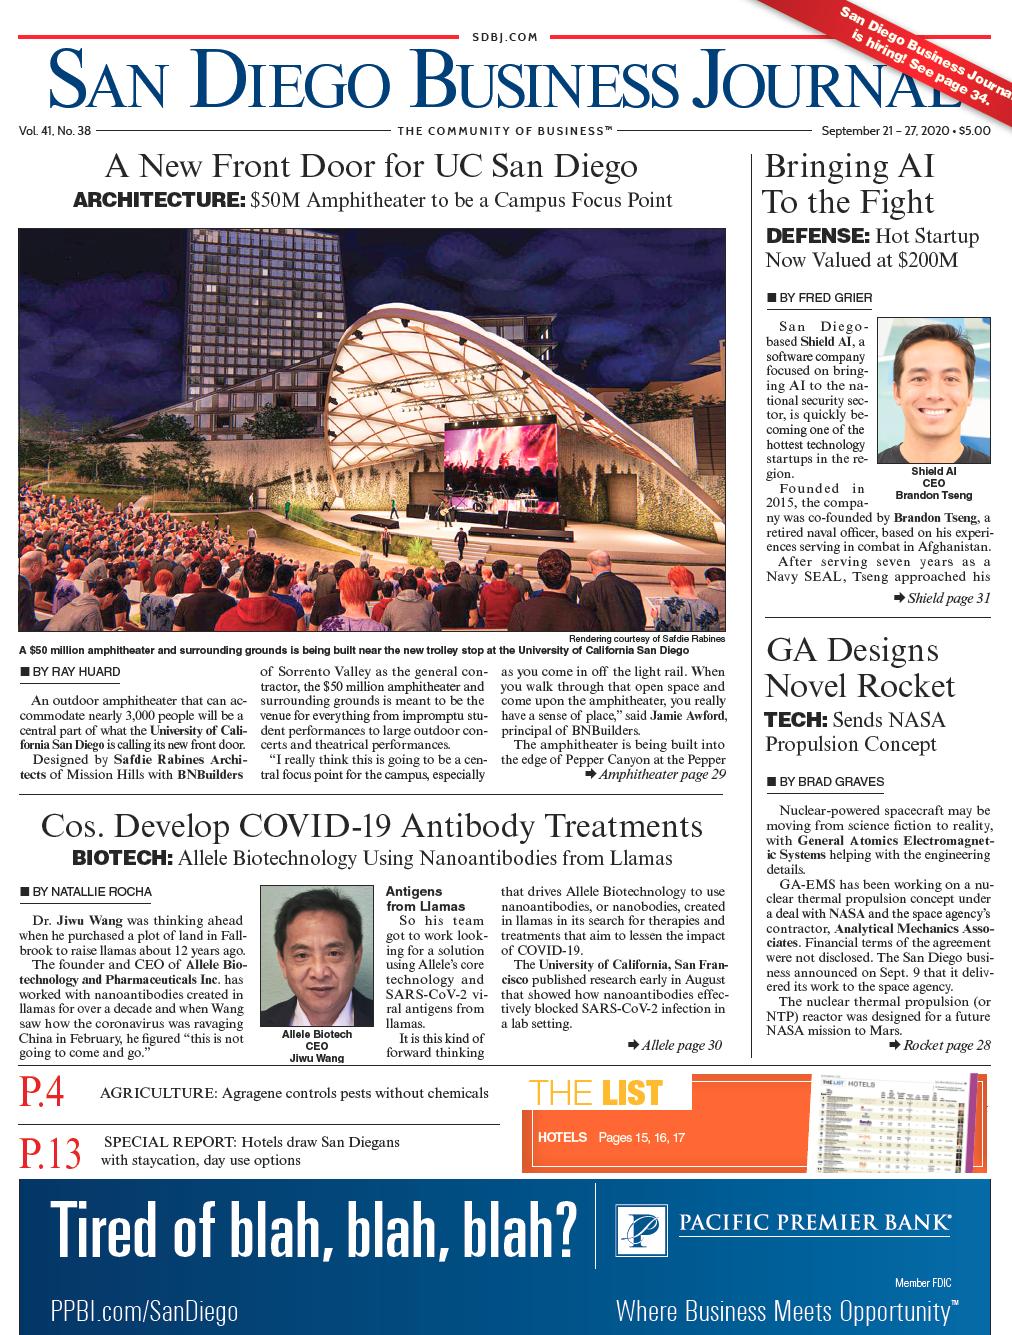 SDBJ Digital Edition September 21, 2020